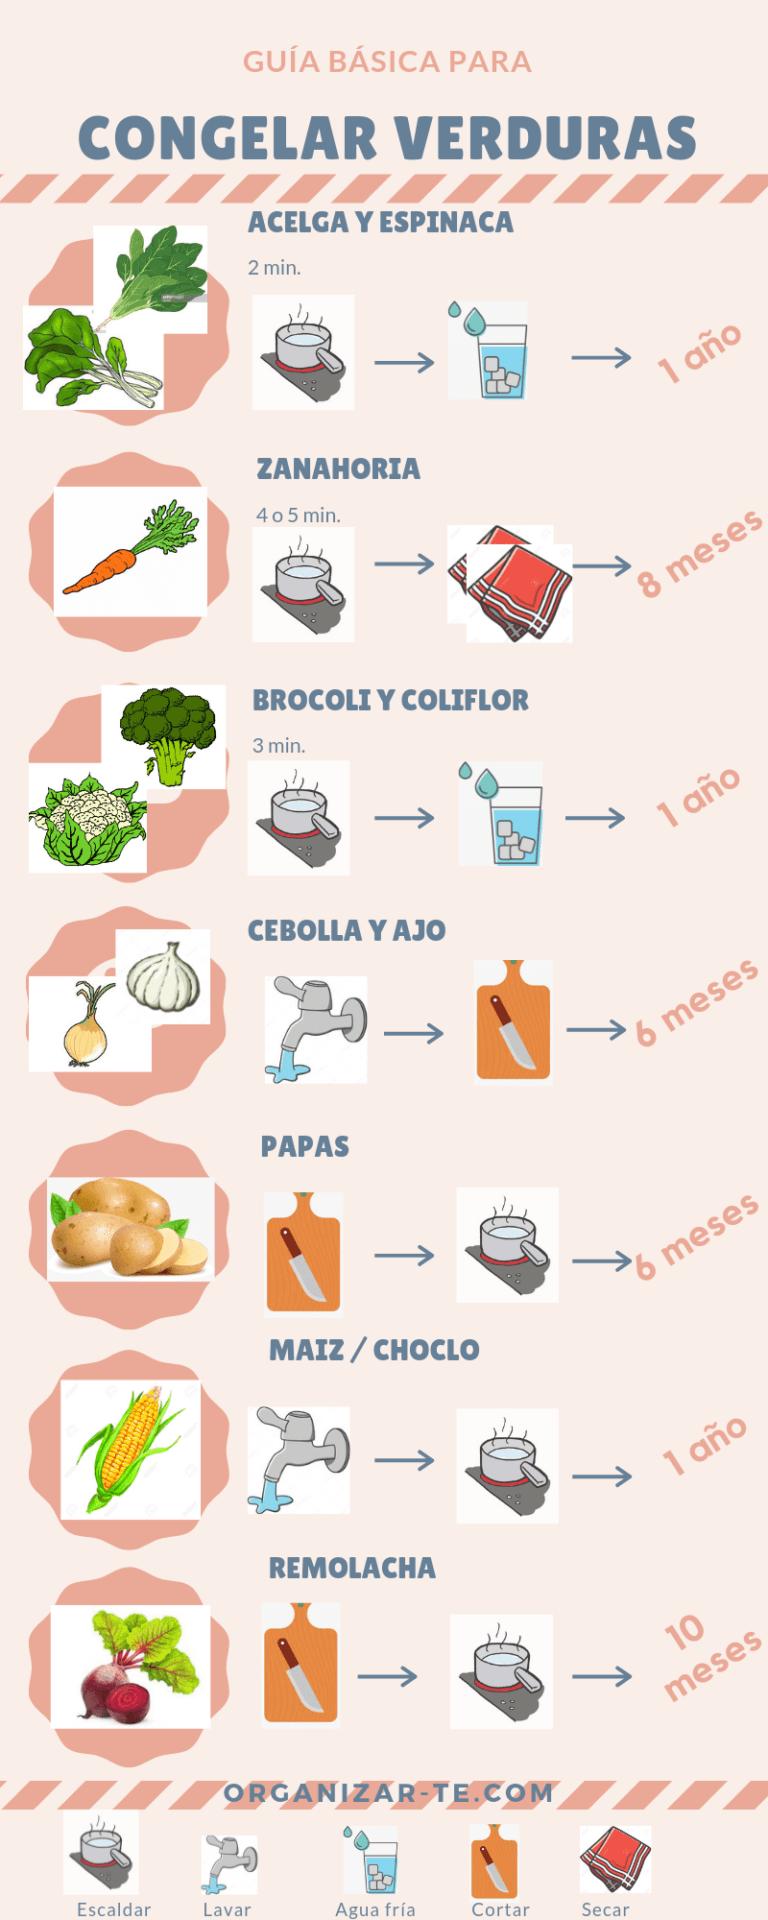 Recomendaciones Para Congelar Frutas Y Verduras Organizar Te Verduras Congeladas Alimentos Congelados Frutas Y Verduras